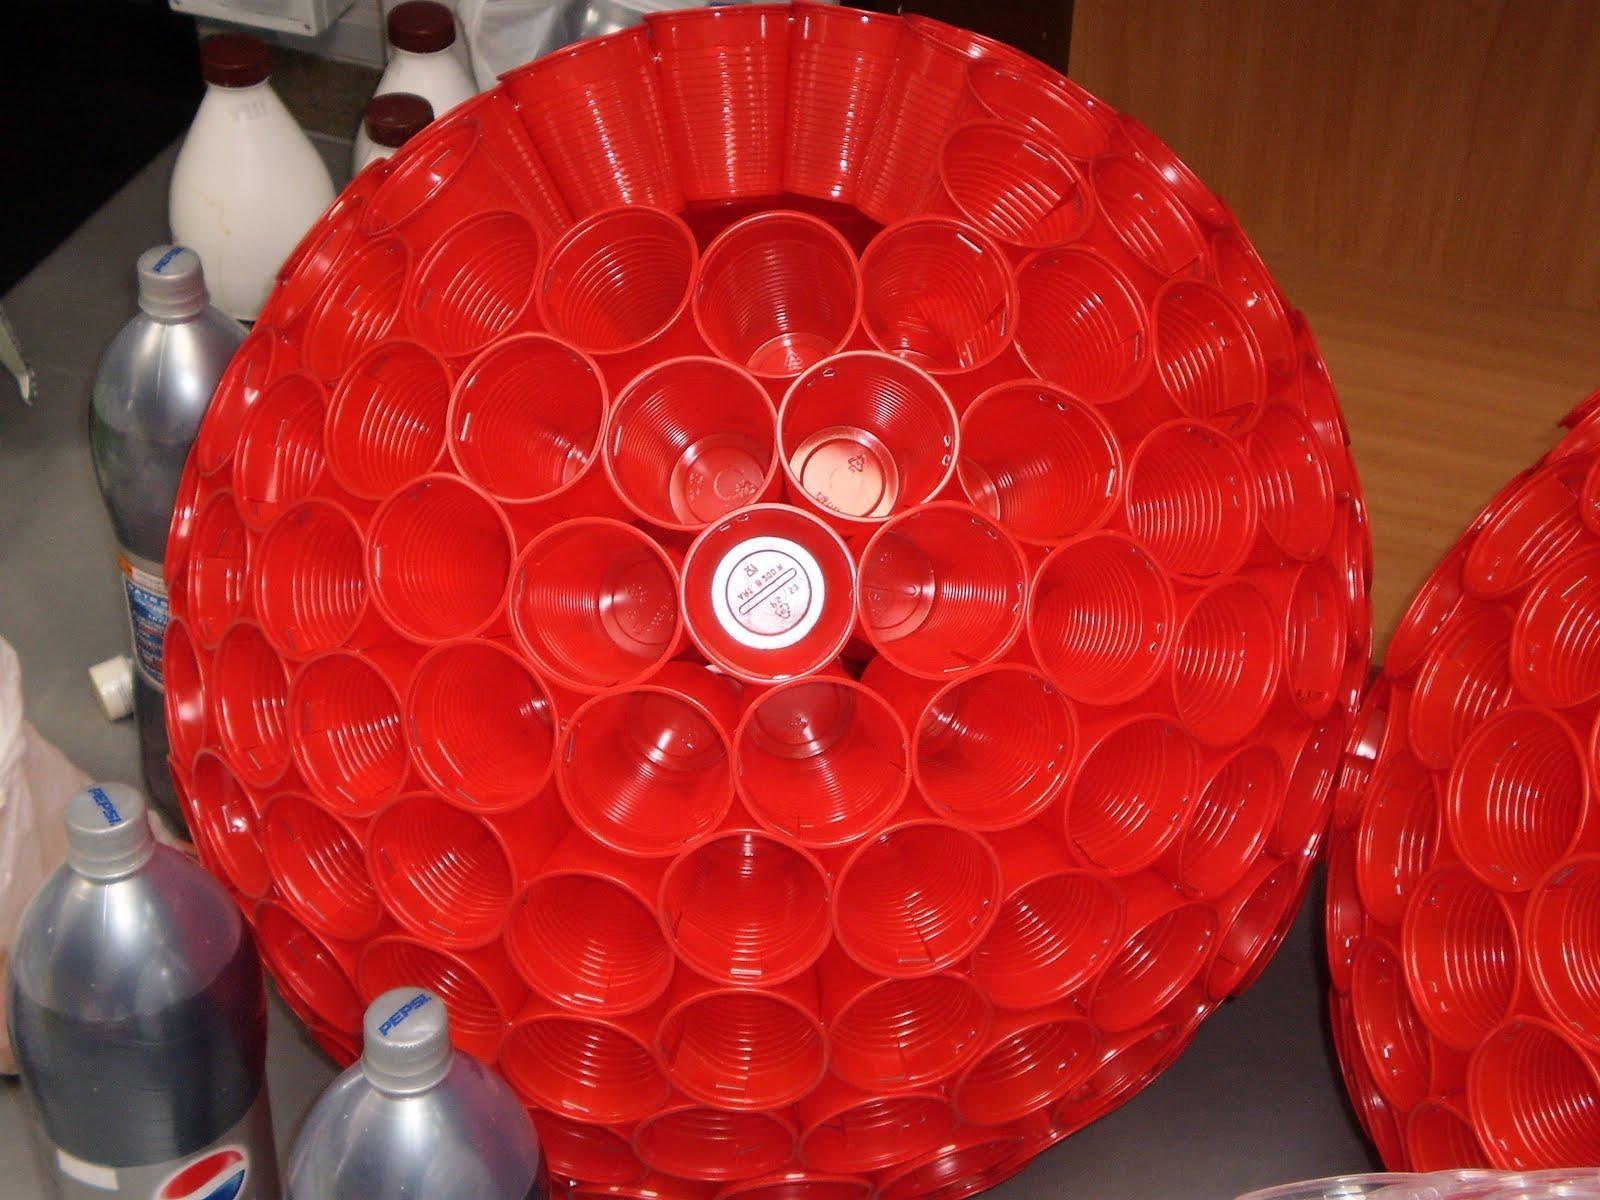 622ba04b3c9 adornos navideños reciclados - Buscar con Google Como Hacer Esferas  Navideñas